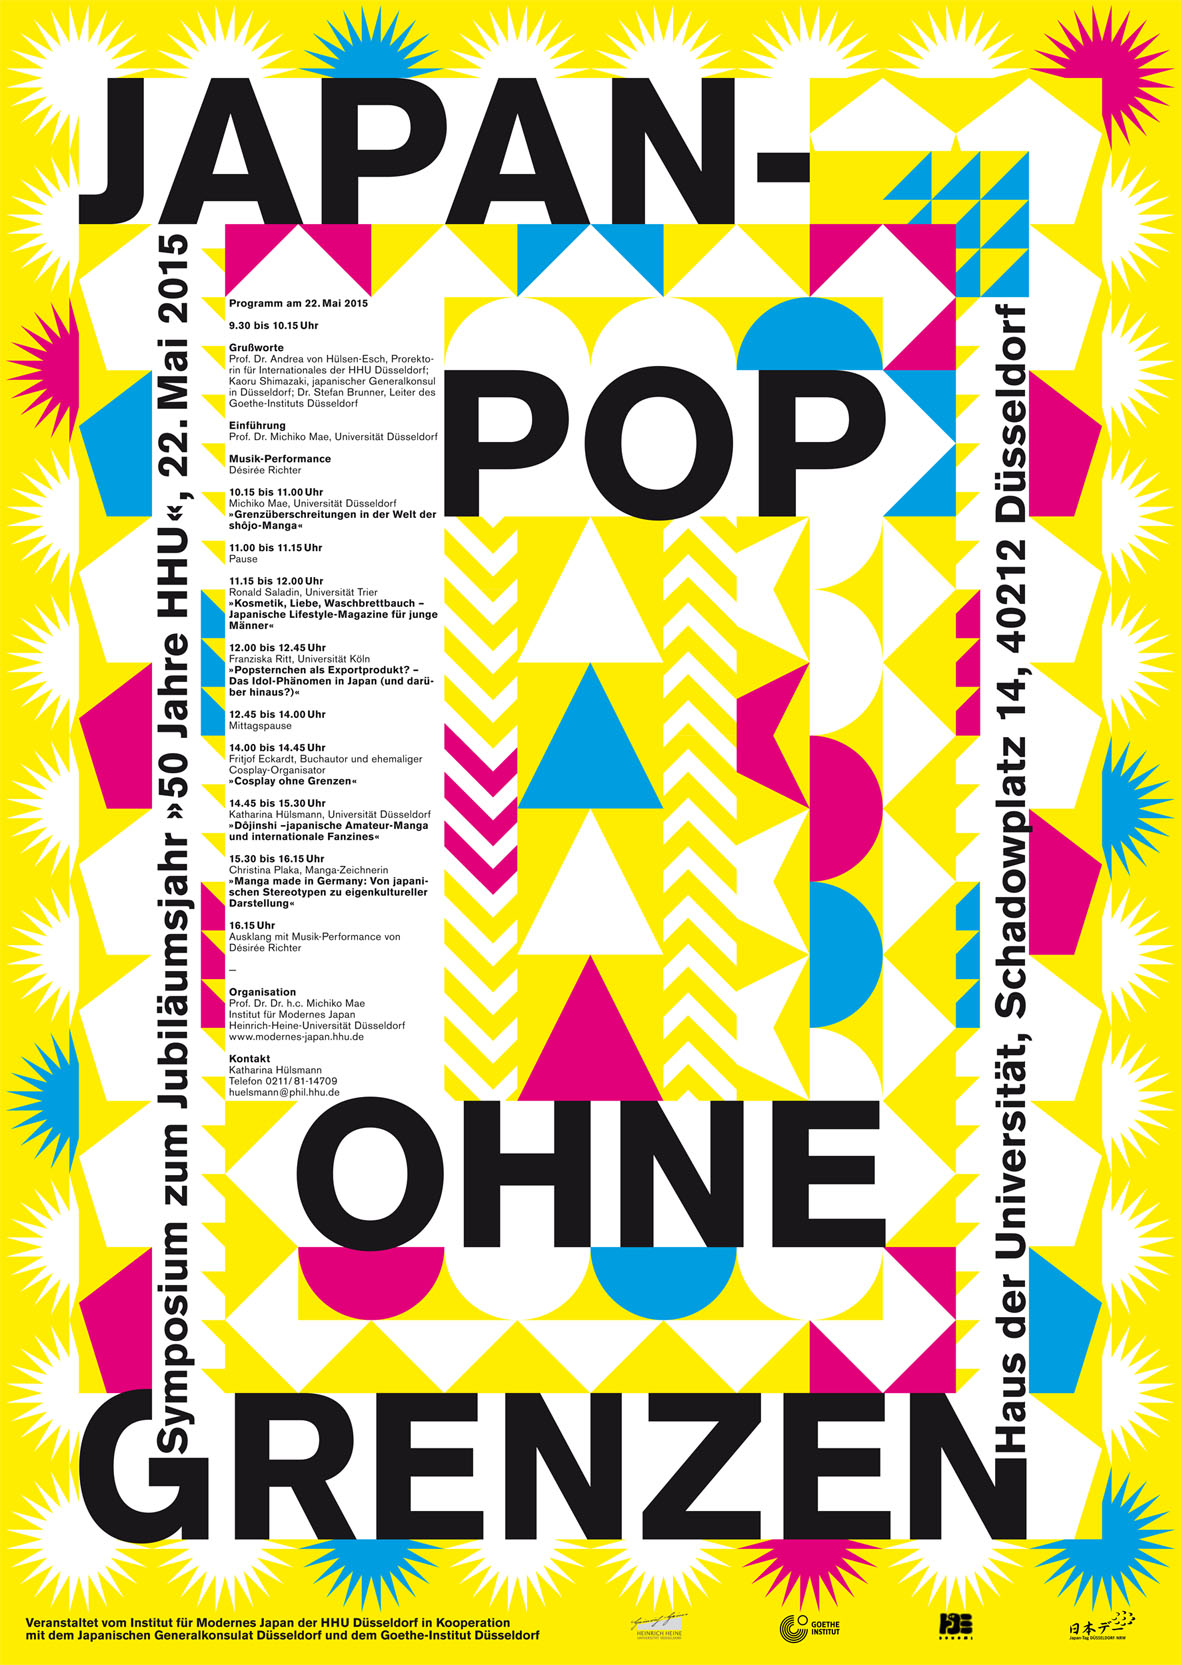 150415_japan-pop_poster_RZ_v6.indd